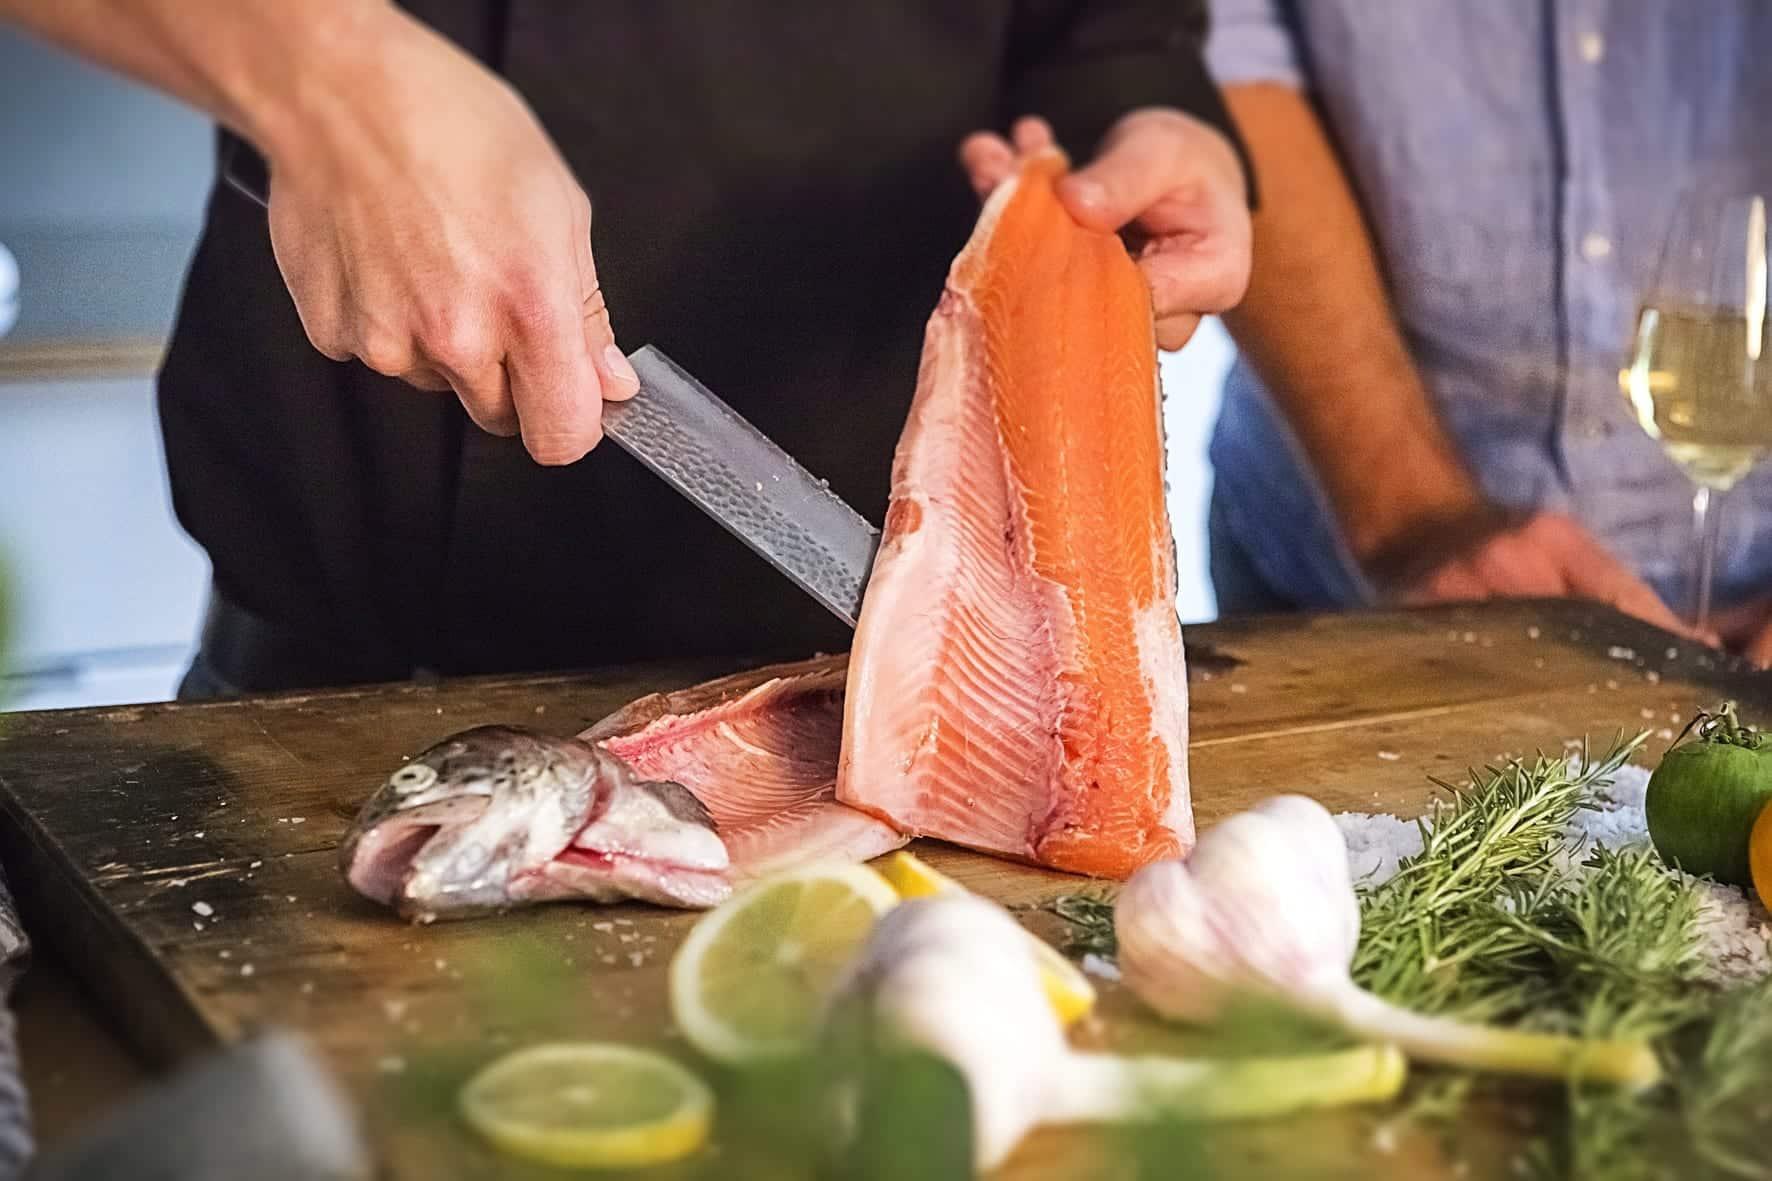 Frisch ausgelöstes Fischfilet - Fisch filetieren - Schnitt am Rücken - Entdeckermagazin Miomente